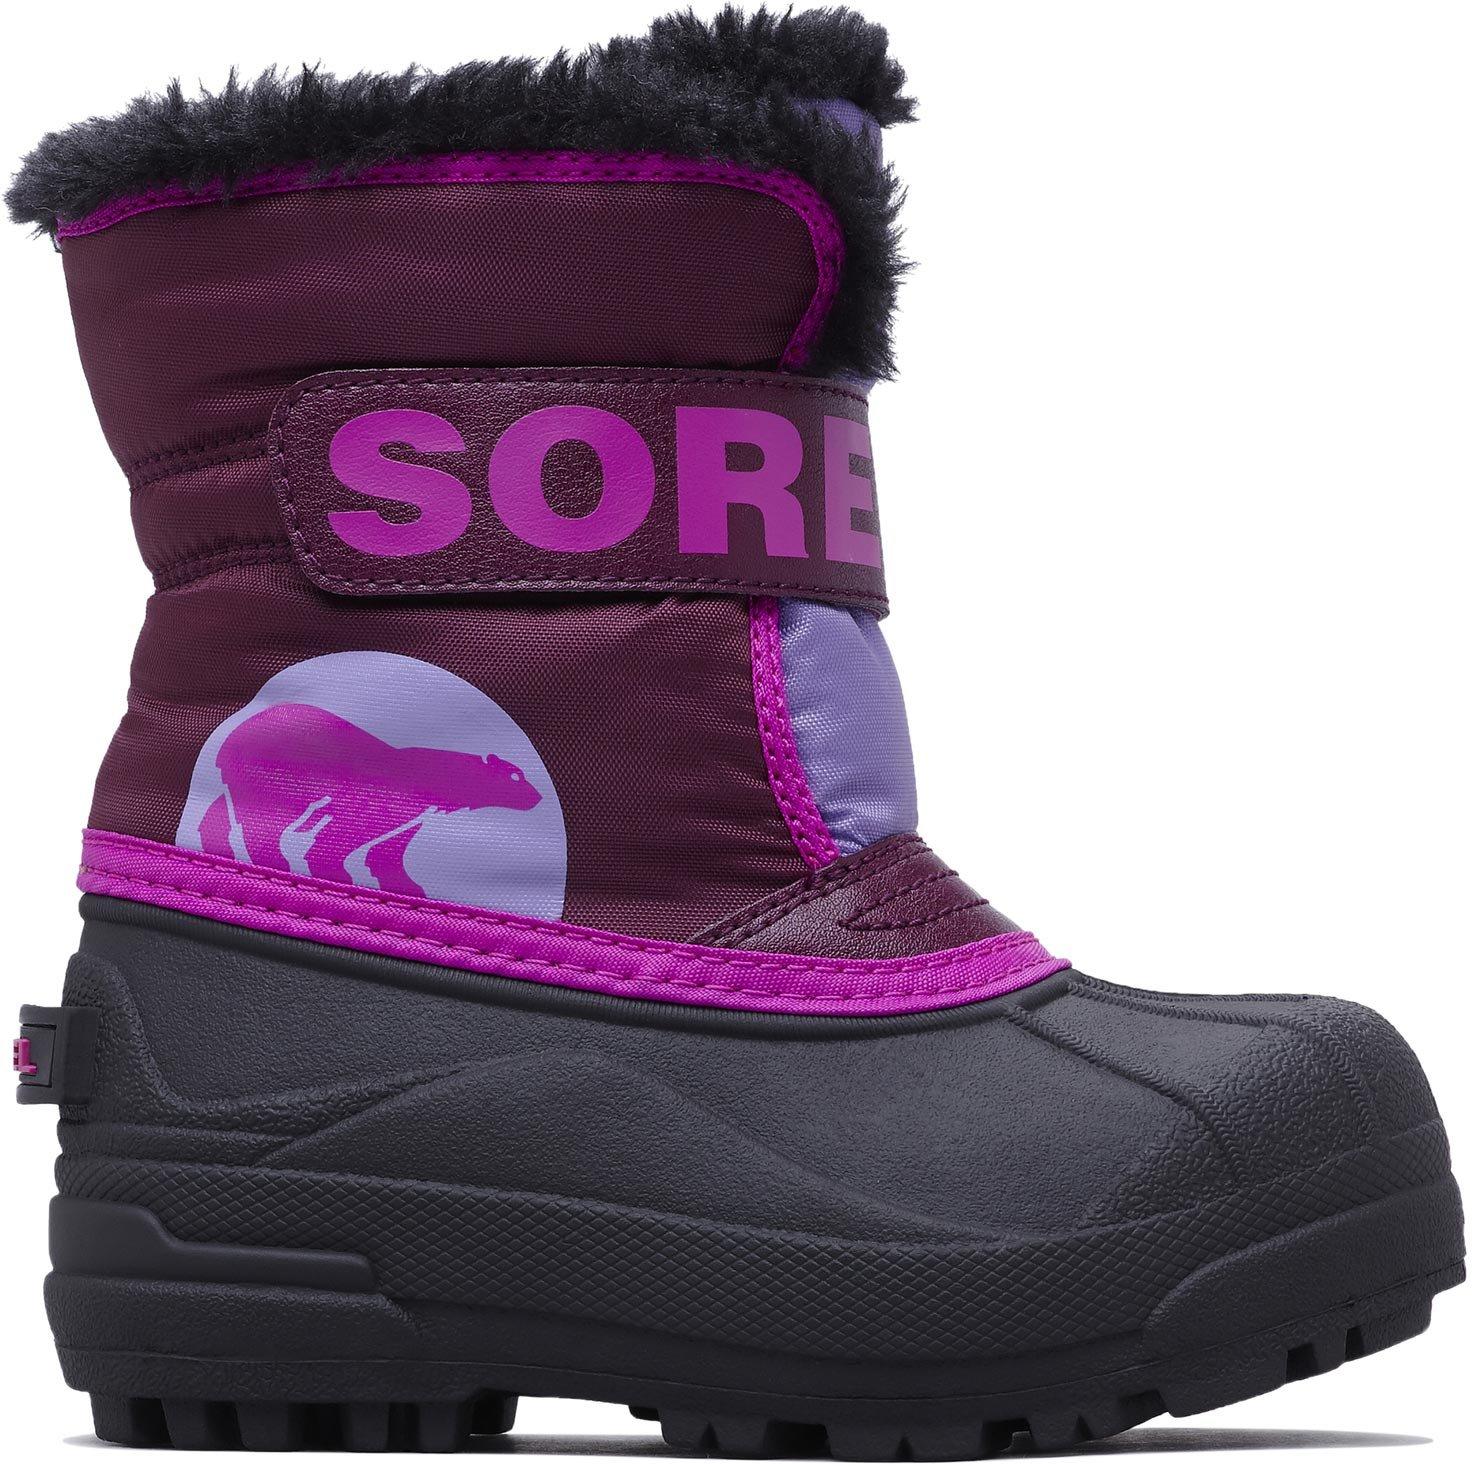 Dětská zimní obuv. 911 Kč · Více informací · Sorel Childrens Snow Commander  25 a61cfbe389